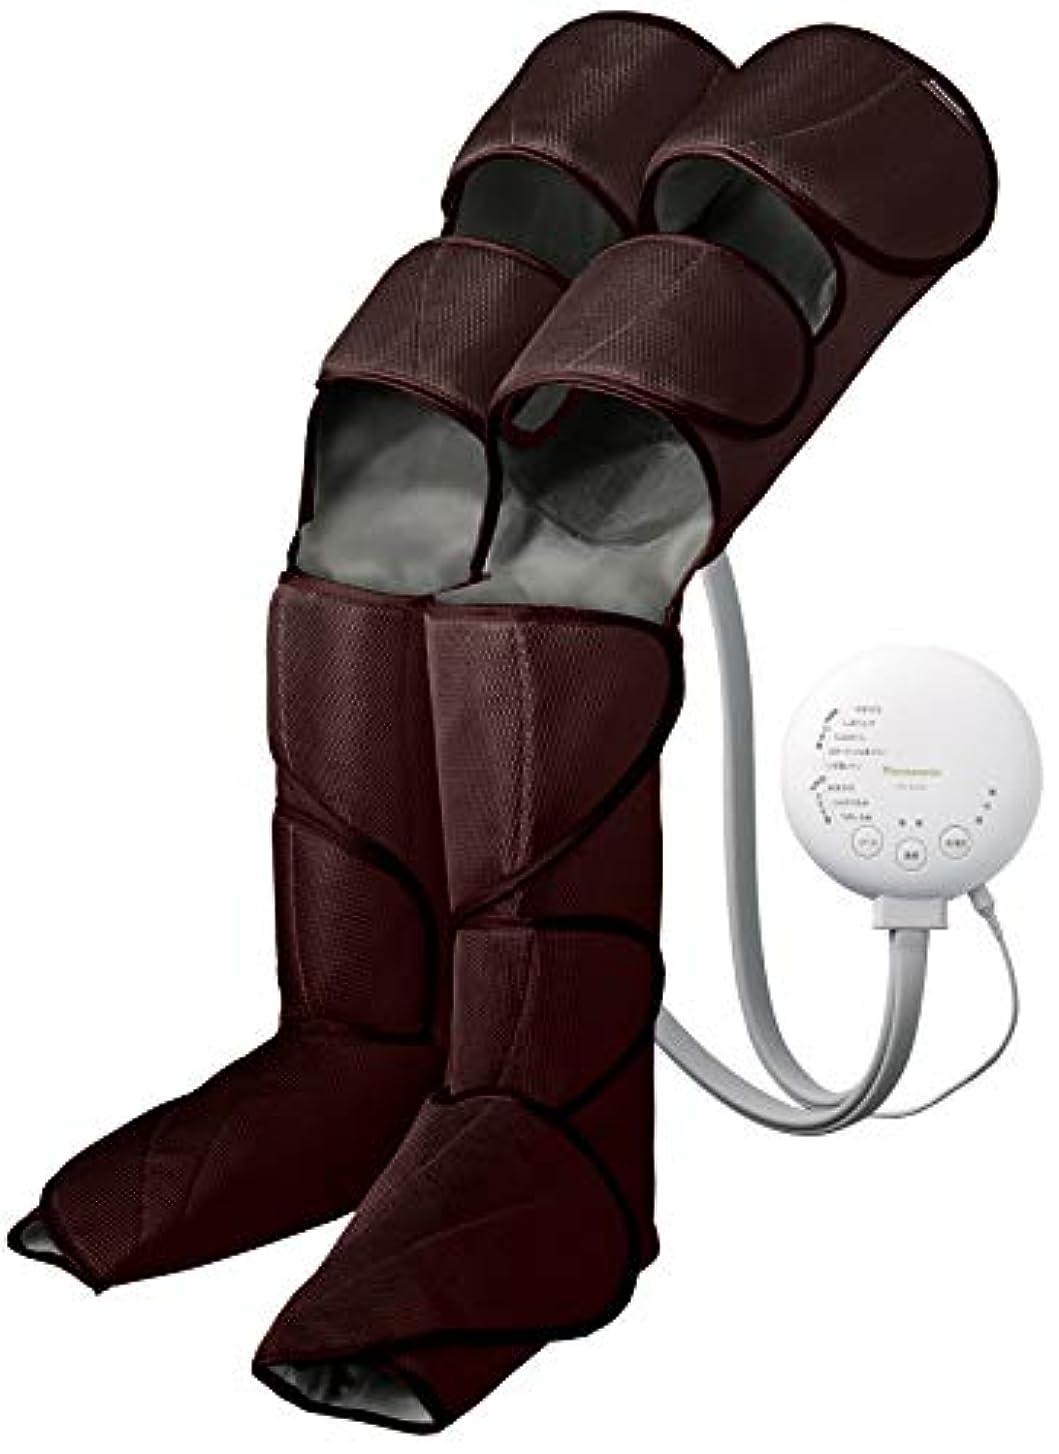 腹部ロマンスクリークパナソニック エアーマッサージャー レッグリフレ ひざ/太もも巻き対応 温感機能搭載 ダークブラウン EW-RA98-T